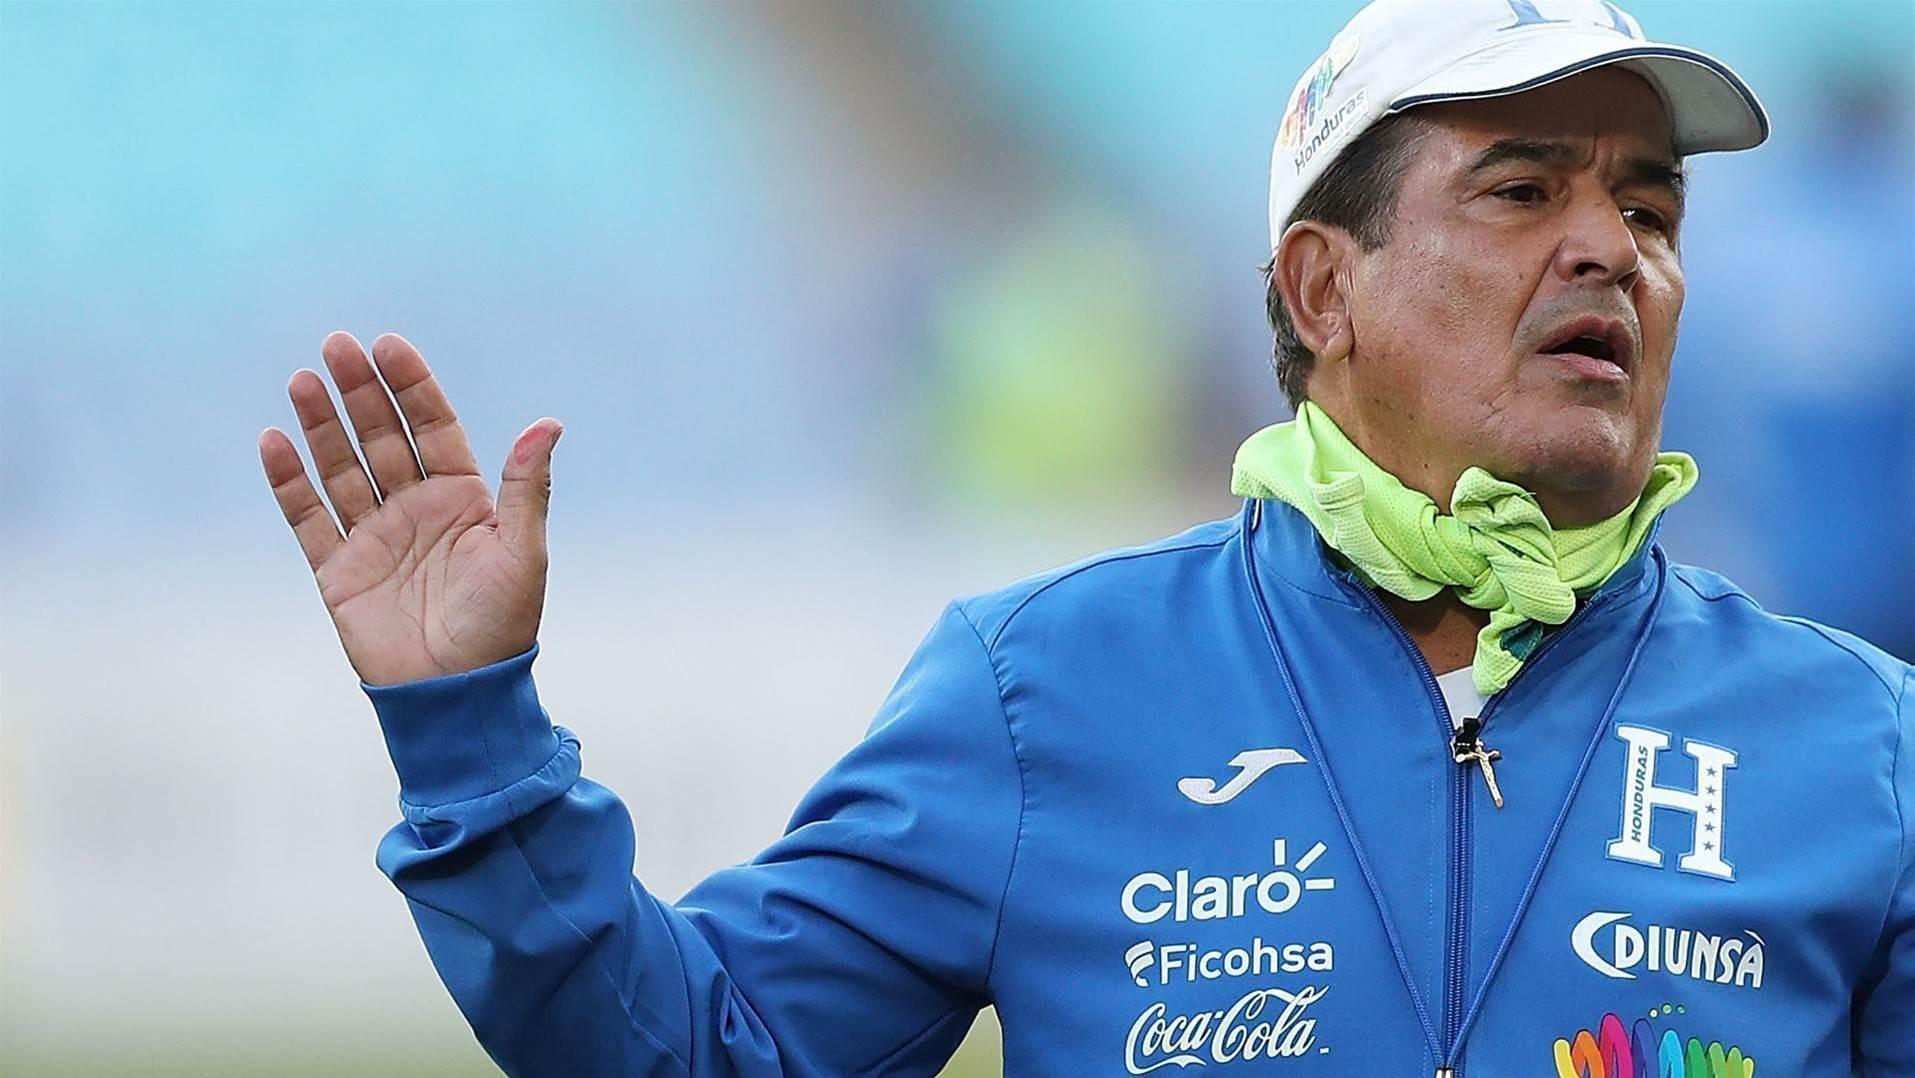 Drone-gate: Honduras coach cries espionage